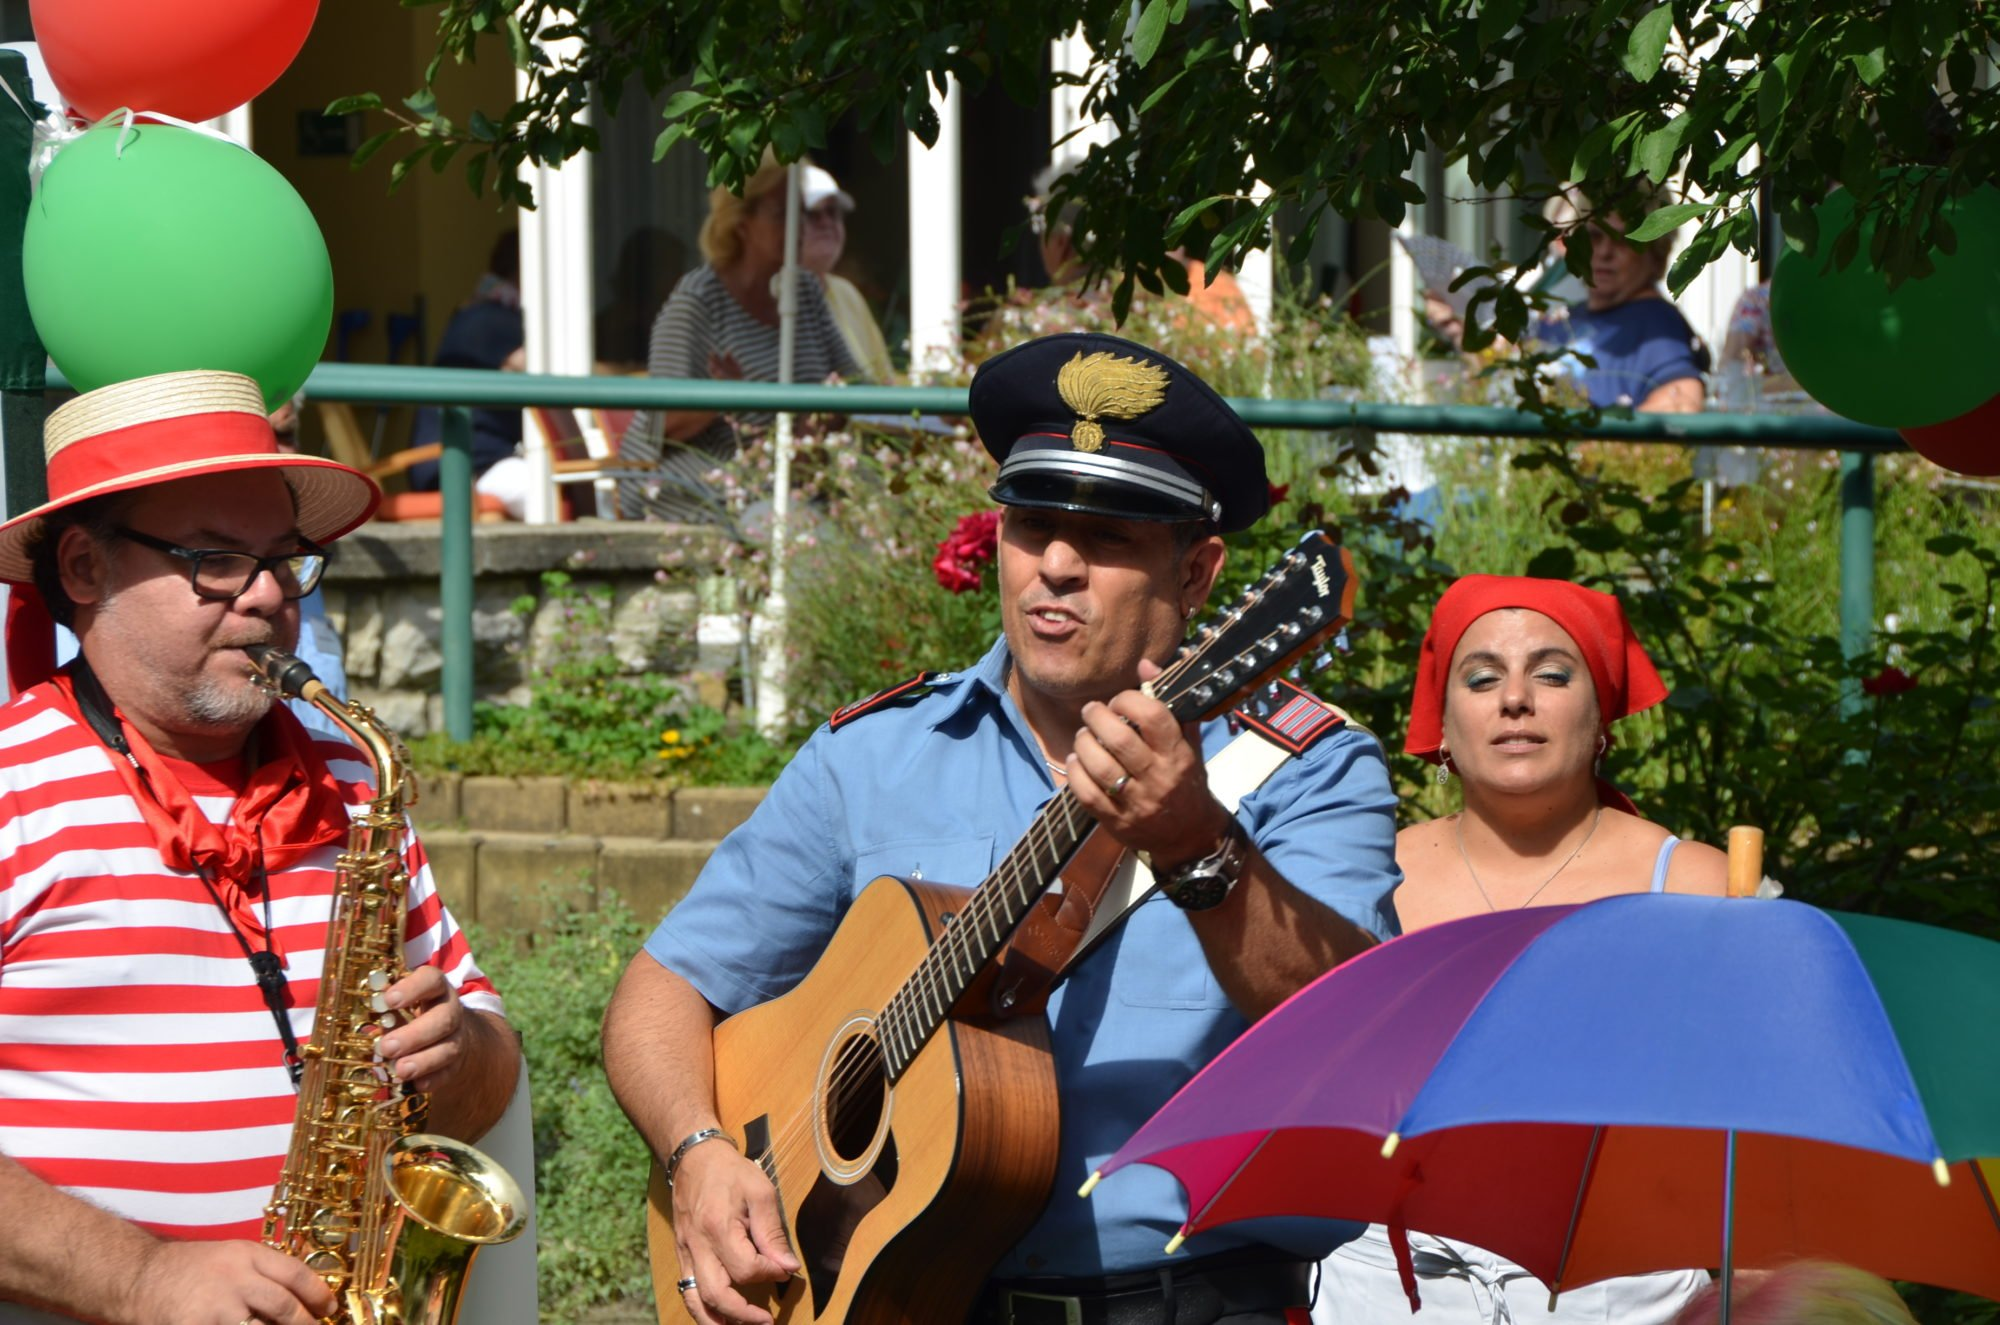 Drei Musiker - zwei Männer und eine Frau - spielen auf dem italiensichen Sommerfest der Villa Donnersmarck Musik. Ein Mann spielt Saxofon, ein weiterer Gitarre, die Frau singt.